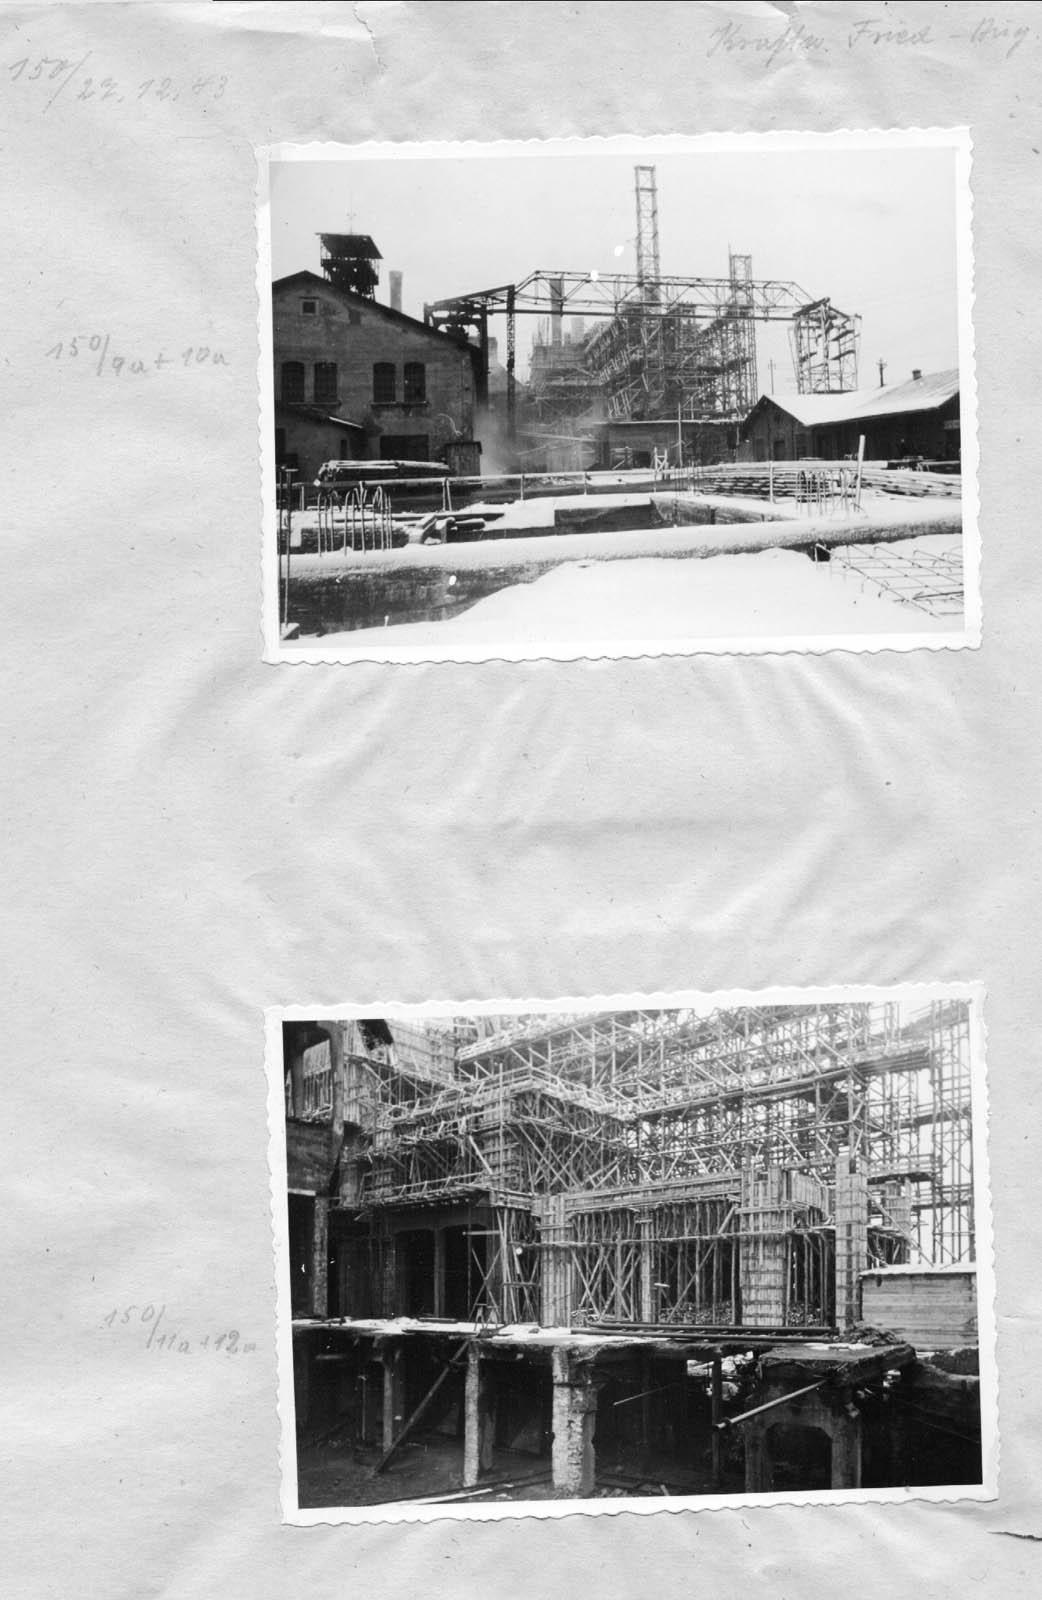 Kraftwerk Friedrich-August 12. 1943 Muzeum w Jaworznie 15